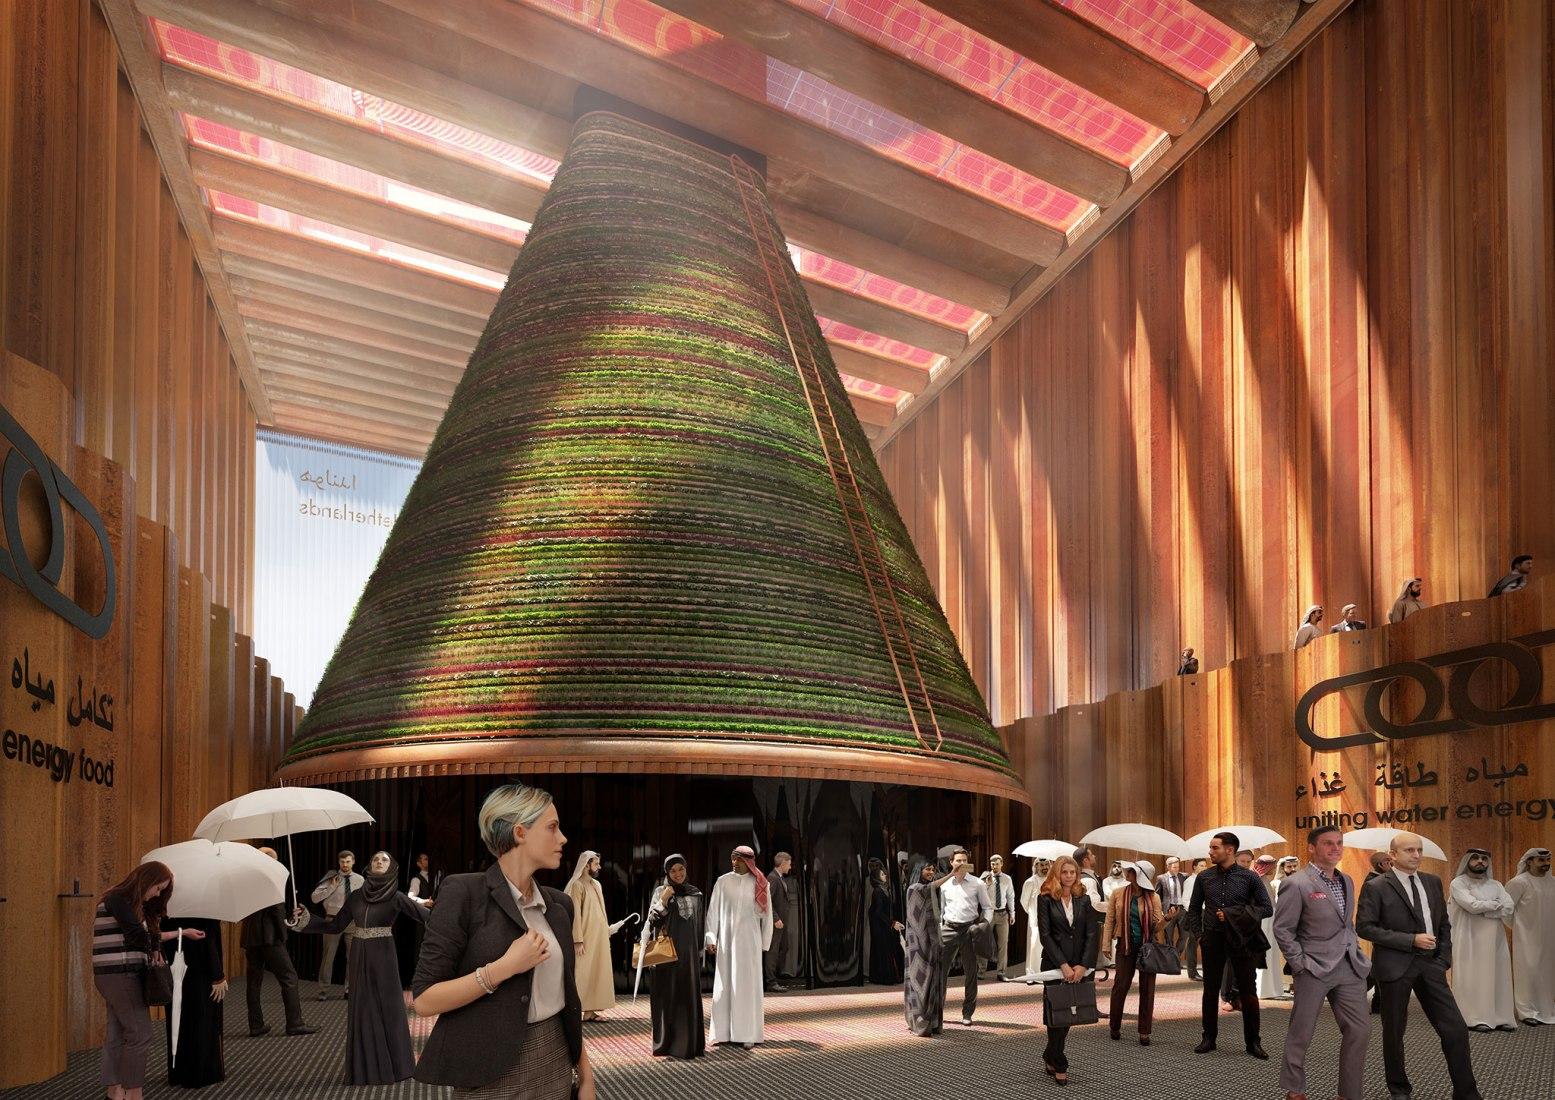 Visualización. Pabellón holandés para la Expo 2020 Dubai por V8 architects. Imagen cortesía de V8 architects